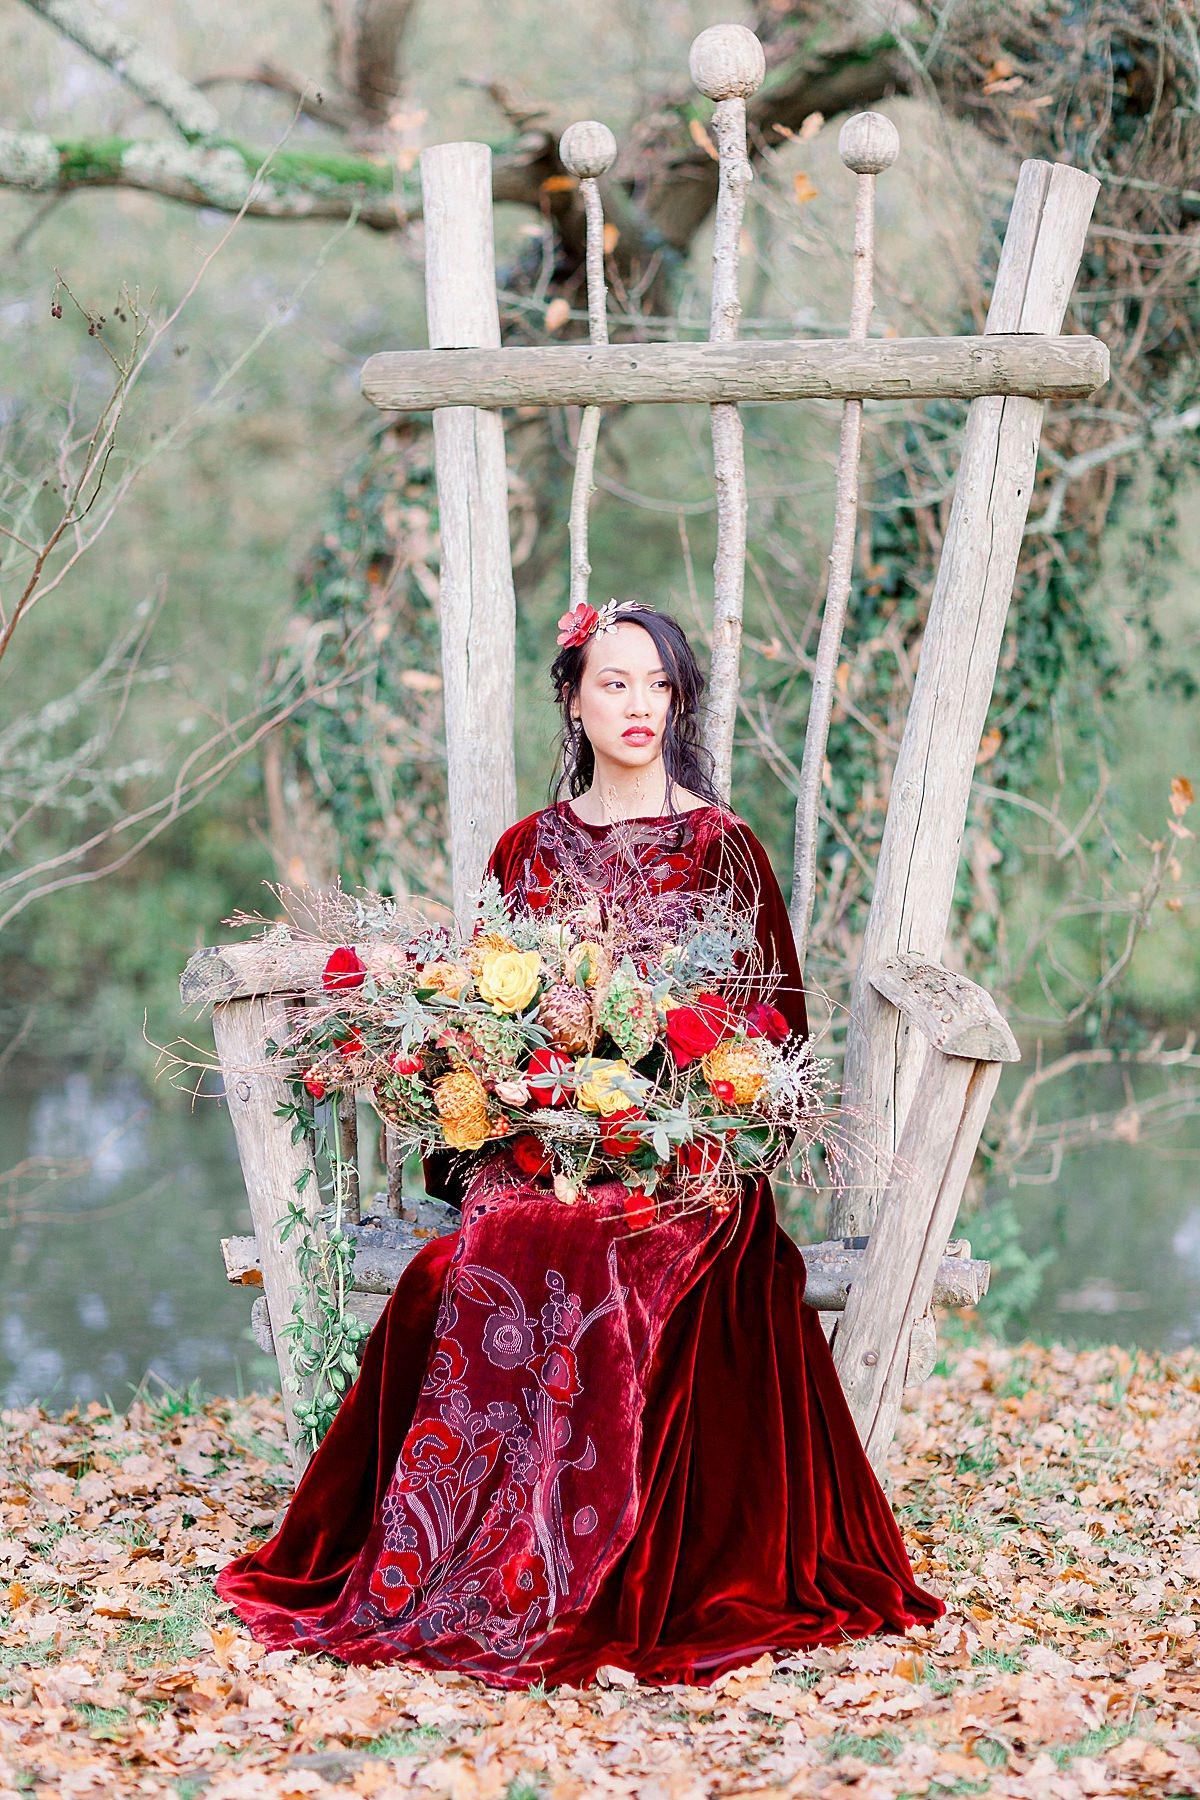 Briar-Rose-Red-Velvet-Exterior-JFD-JoBradbury (28).jpg